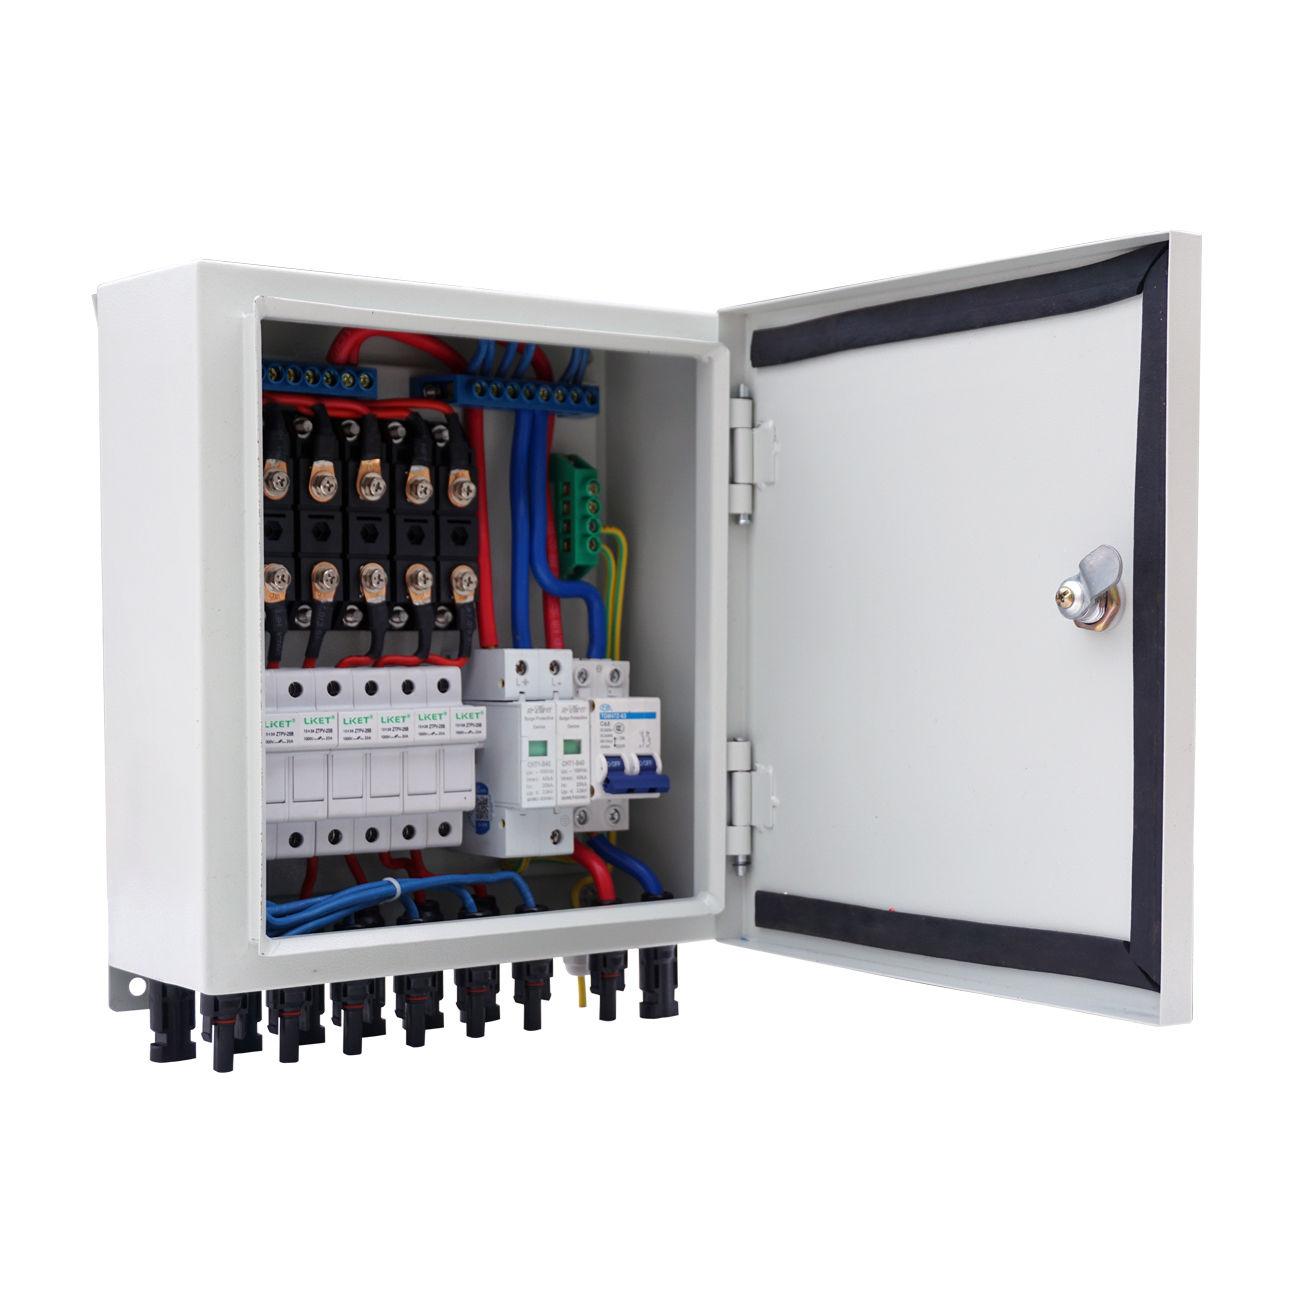 6-String Solaire PV Array Combiner Boîte W Disjoncteurs Contre Les Surtensions Protection Contre La Foudre pour hors réseau système d'énergie solaire